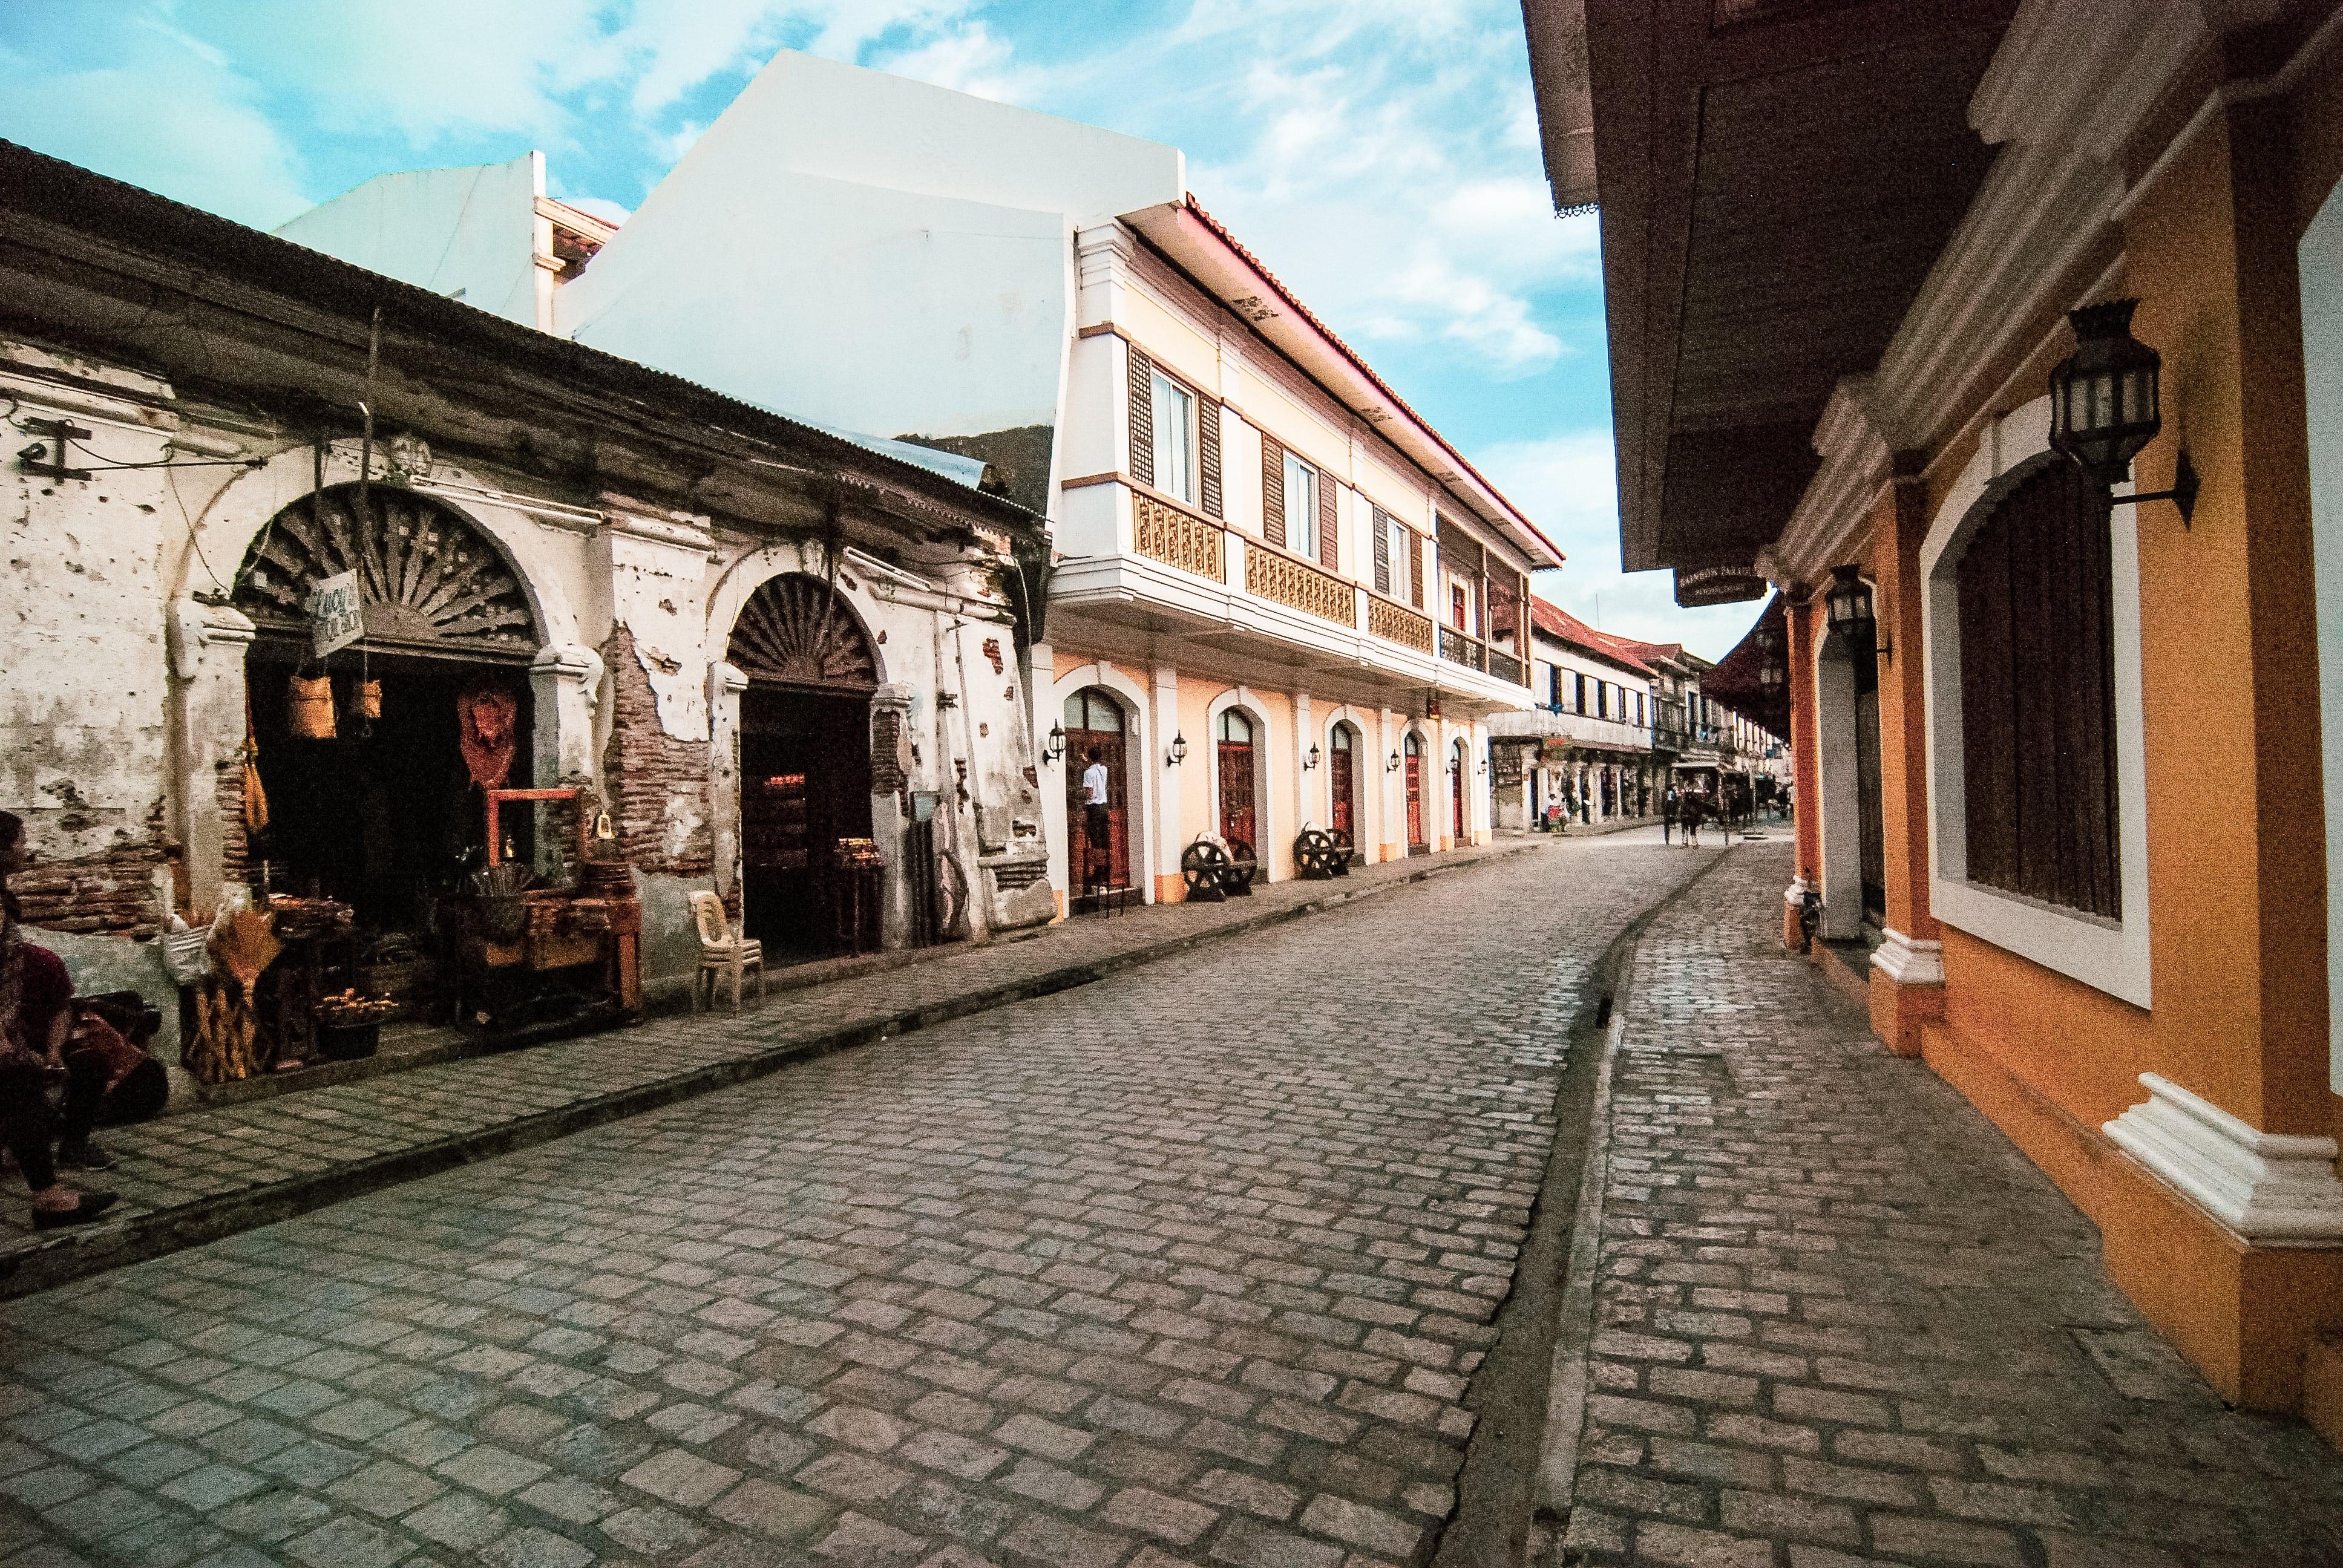 Cobblestone streets of Calle Crisologo in Vigan